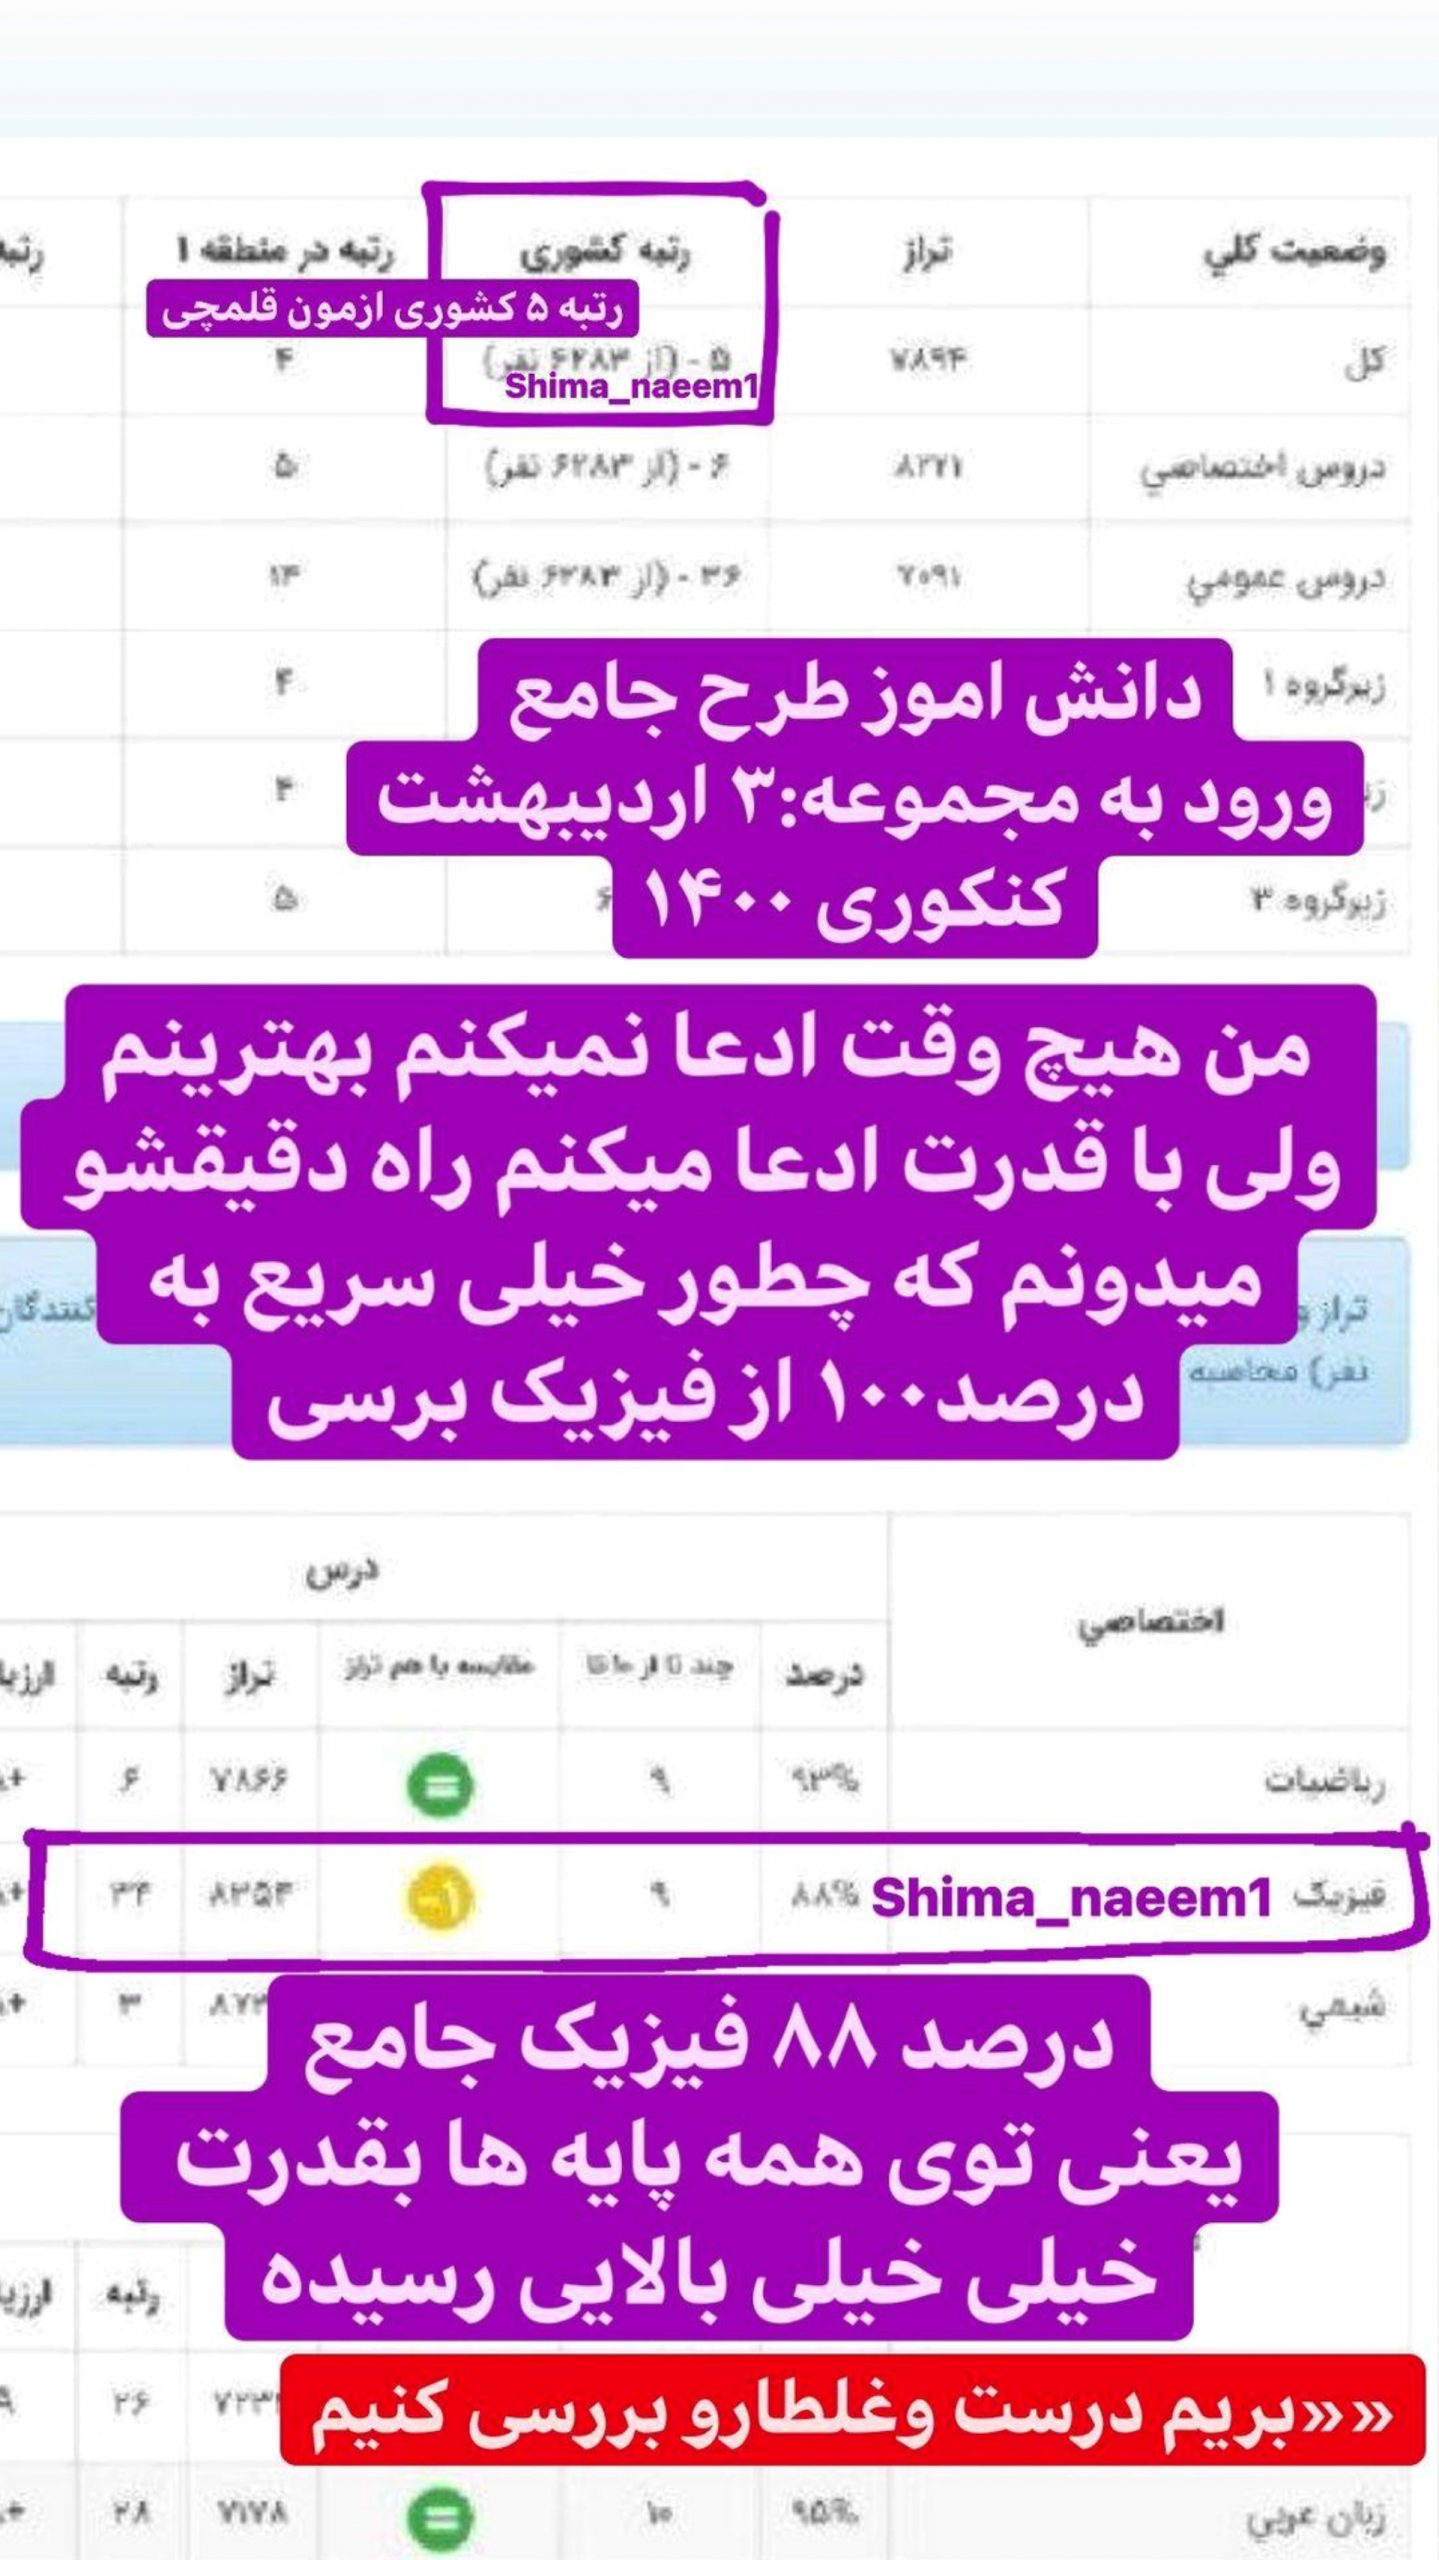 InShot_۲۰۲۱۰۷۱۰_۲۰۲۸۳۲۶۴۵